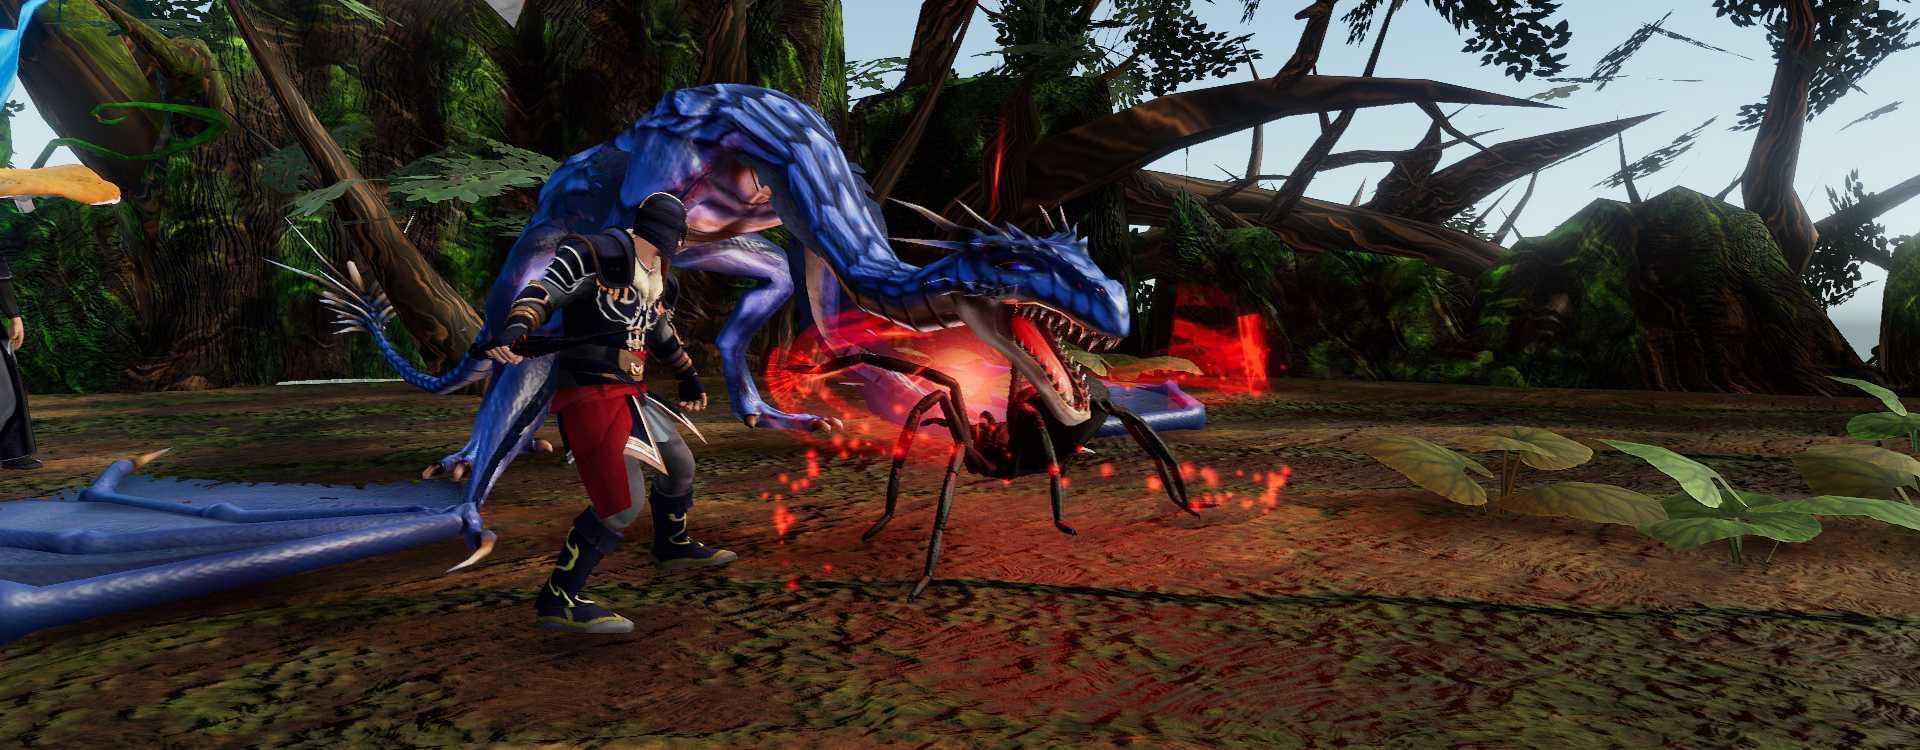 Nach langer Zeit ein neues MMORPG auf Steam: Legends of Aria ist da